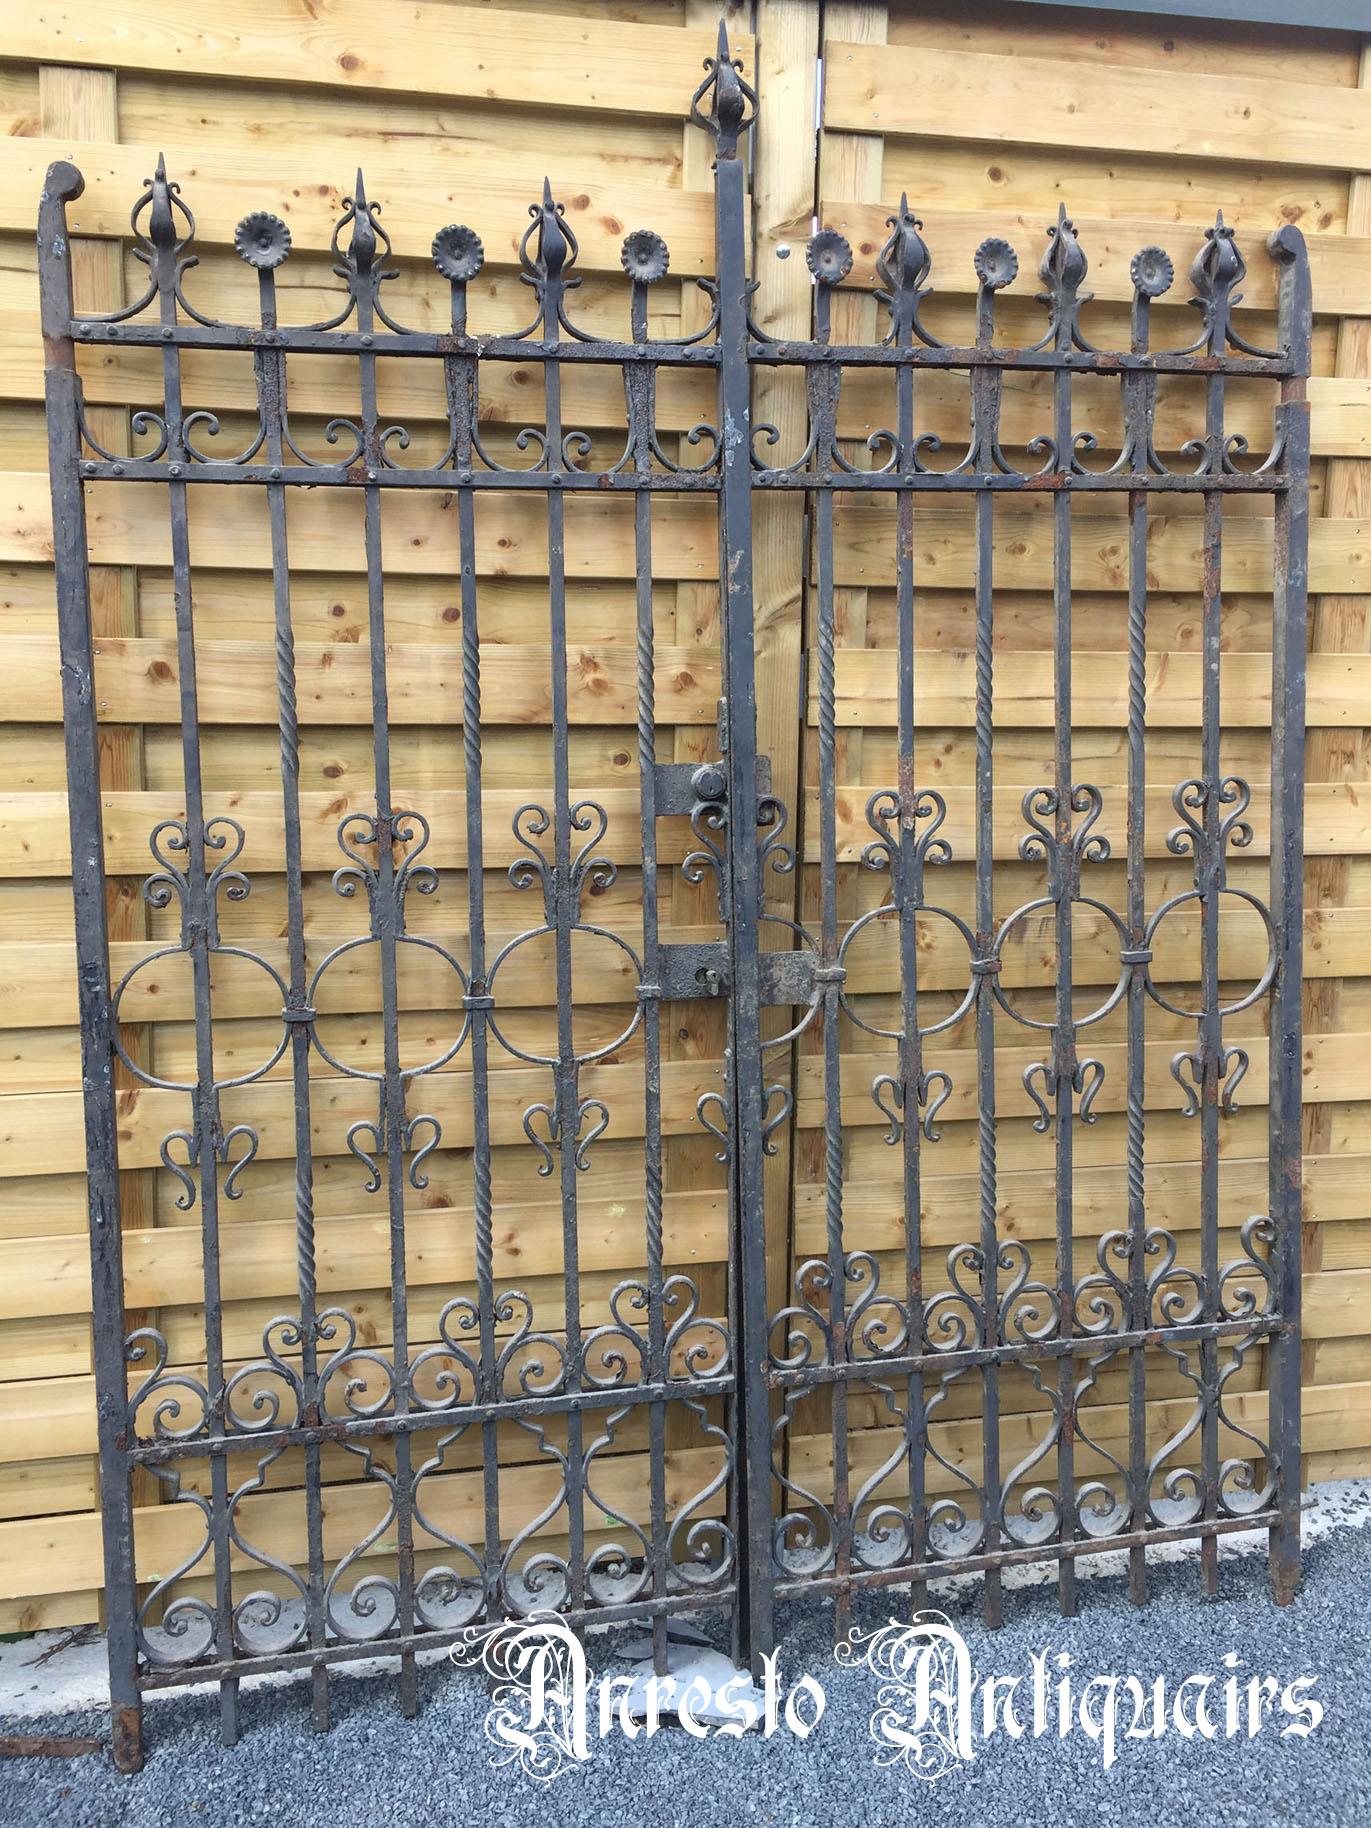 Verwonderlijk Bouw-Antiek gietijzer hekwerk. Exclusieve ijzeren hekken antieke JR-46